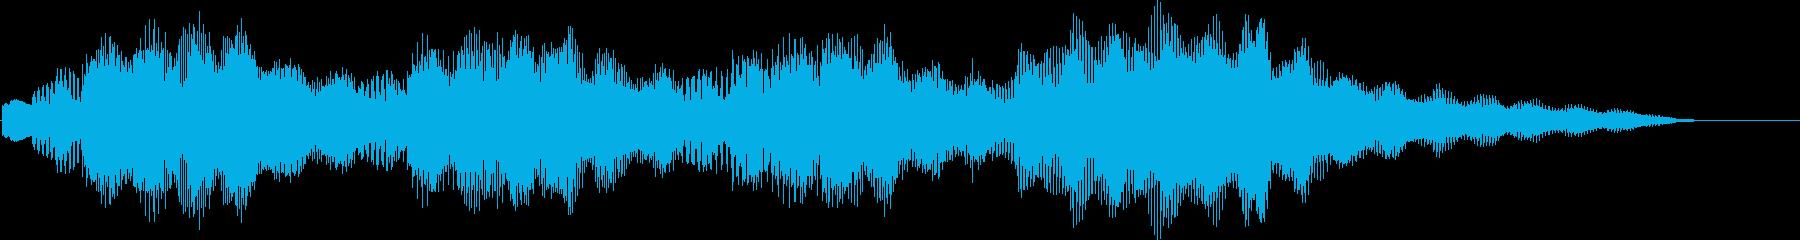 何だっけ?と考えている時のビブラフォン音の再生済みの波形